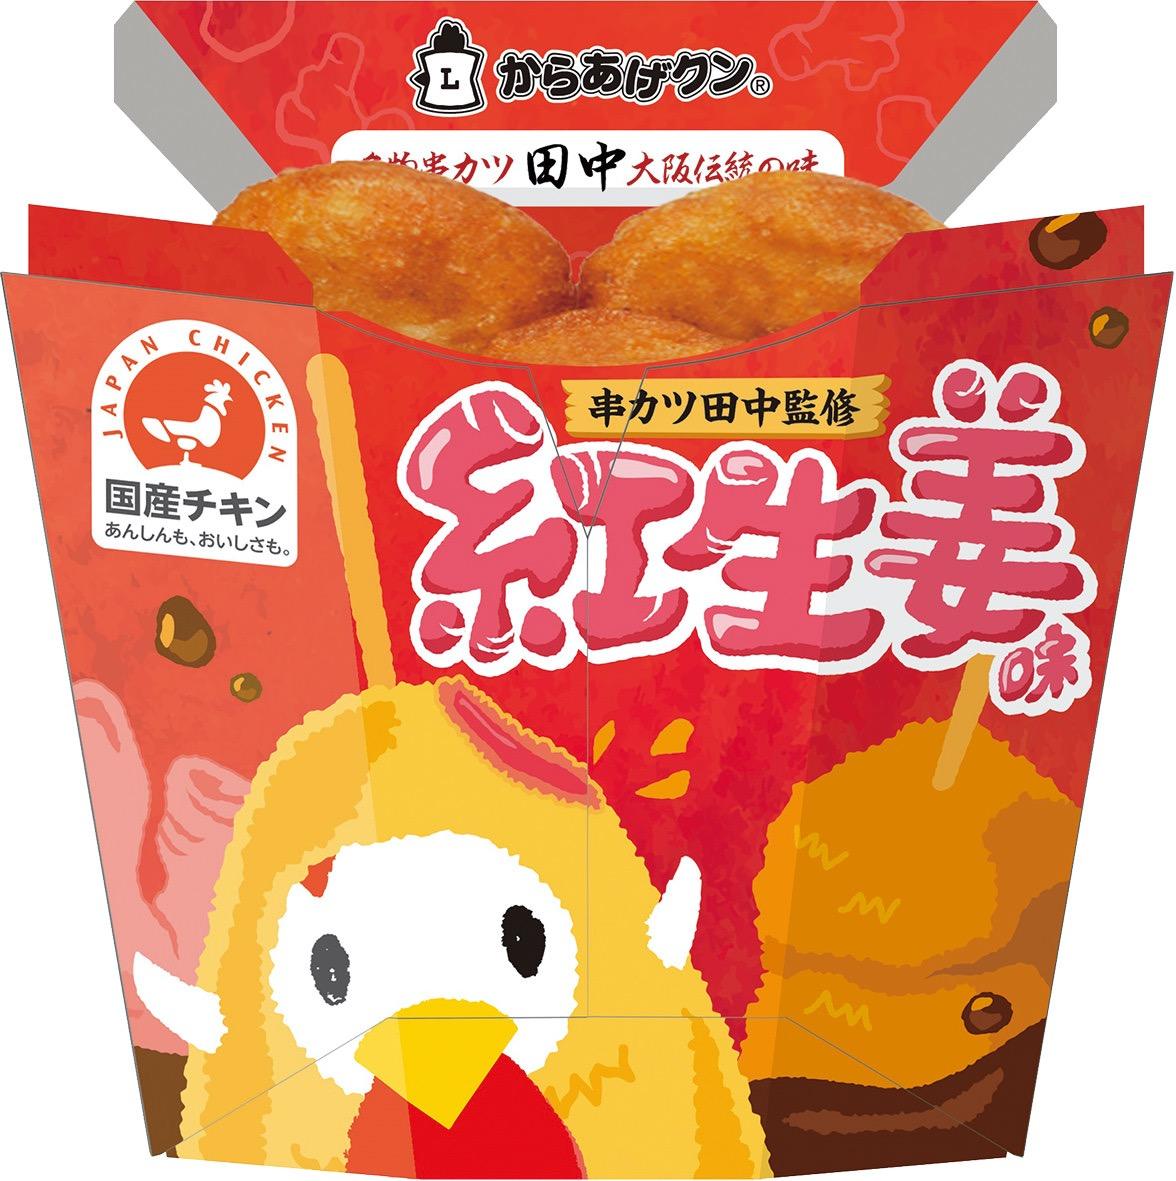 ローソン×串カツ田中コラボ第2弾で「からあげクン紅生姜味」9月8日より発売開始!